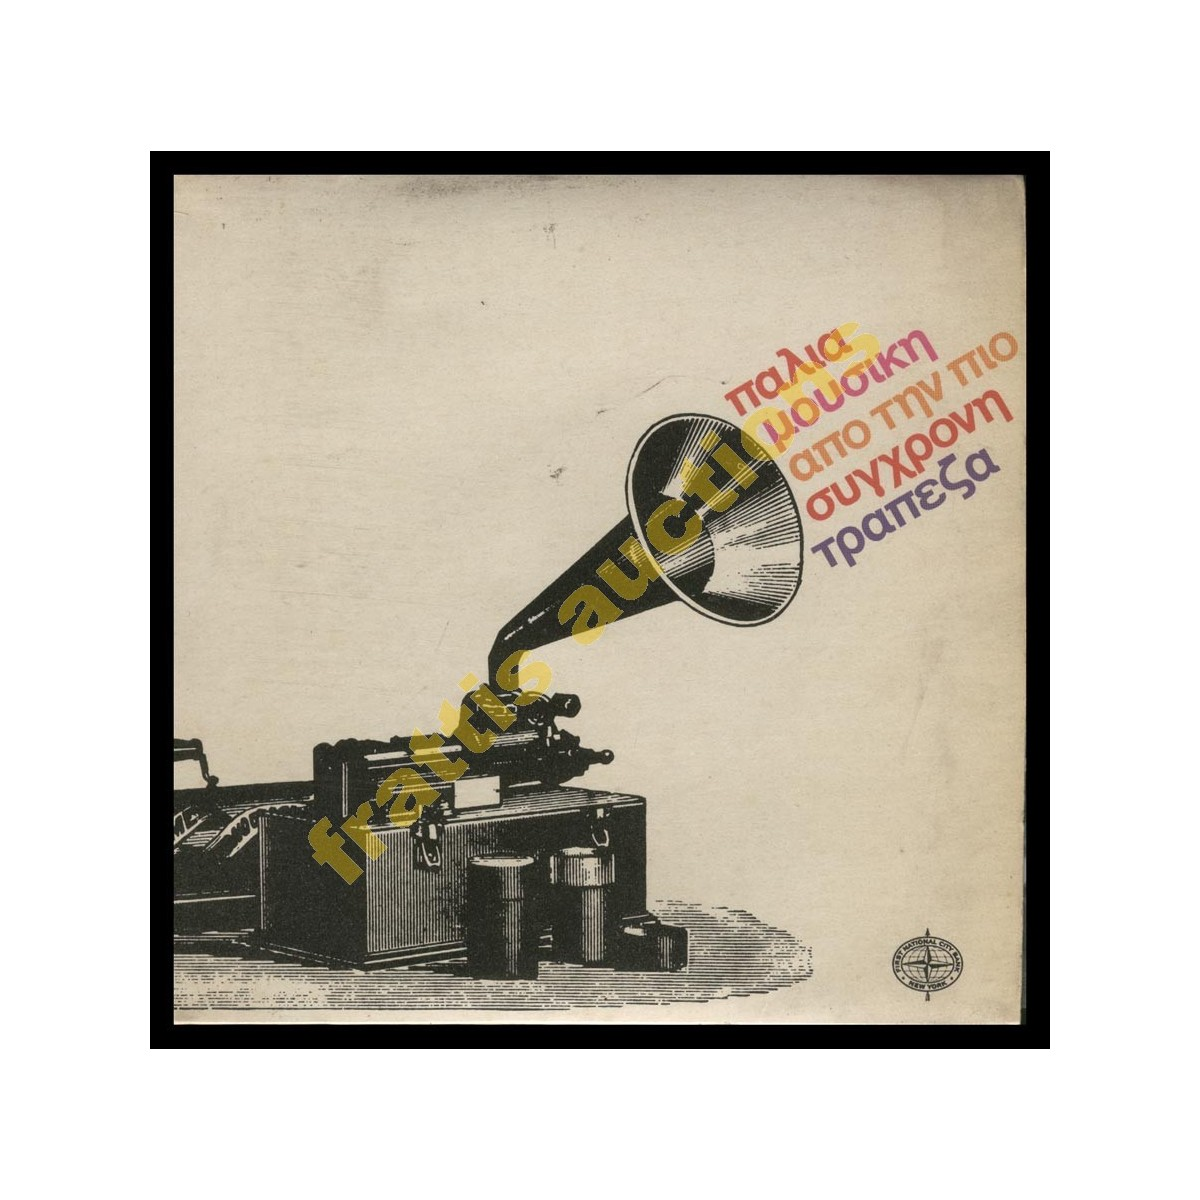 Παλιά Μουσική Από Την Πιο Σύγχρονη Τράπεζα, First National City Bank.